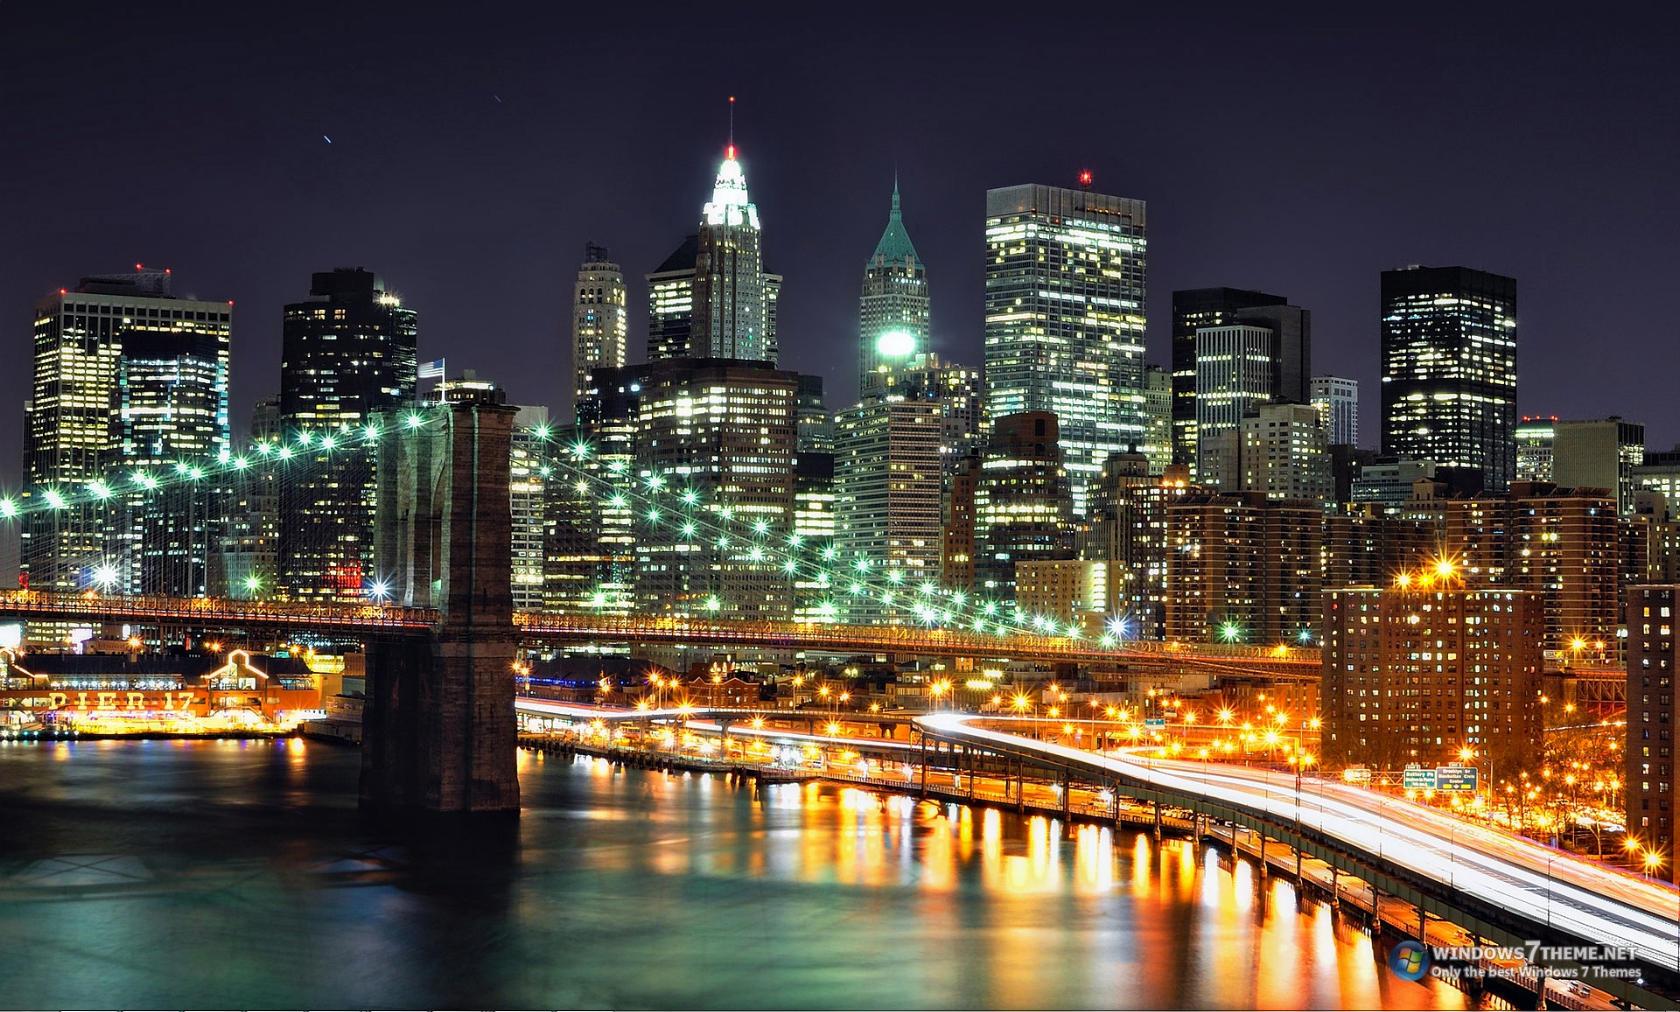 Günstige Direktflüge von Düsseldorf in die USA, z.B. Düsseldorf nach New York Hin und Rückflug für 319€ mit der Lufthansa